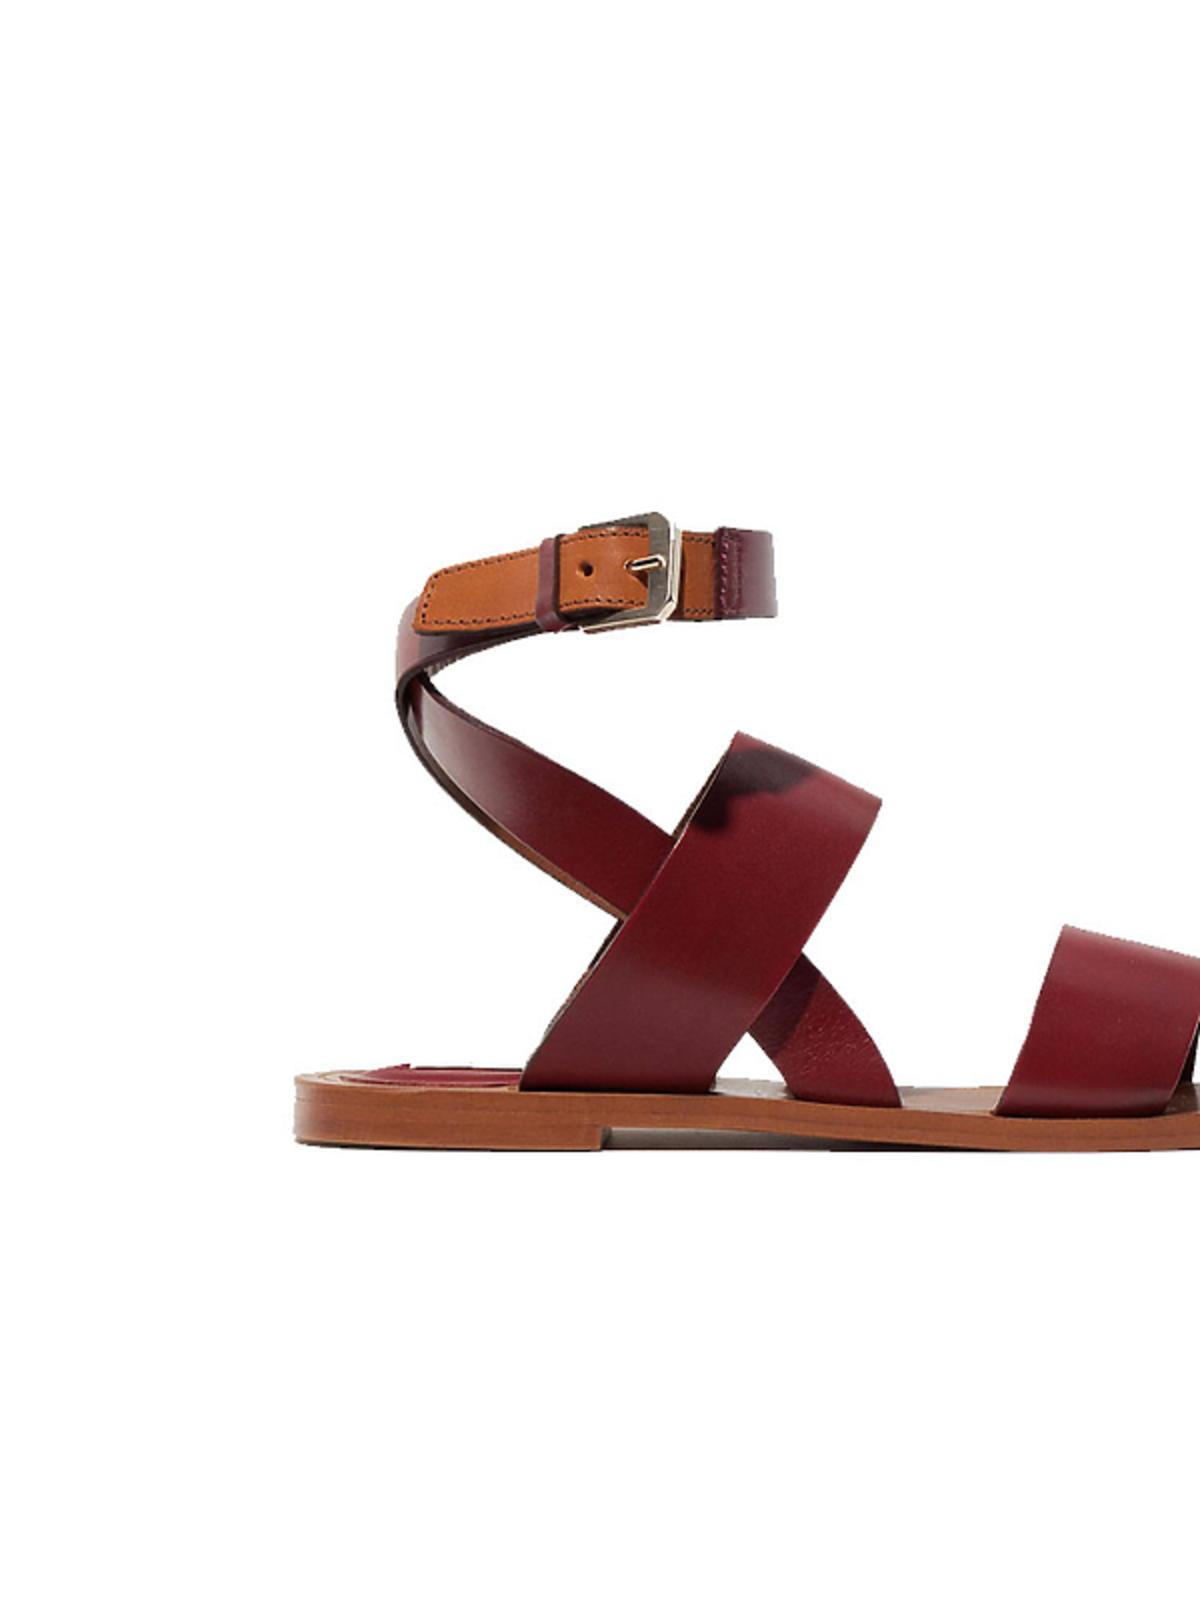 Sandałki marki Massimo Dutti, 349zł/239 zł